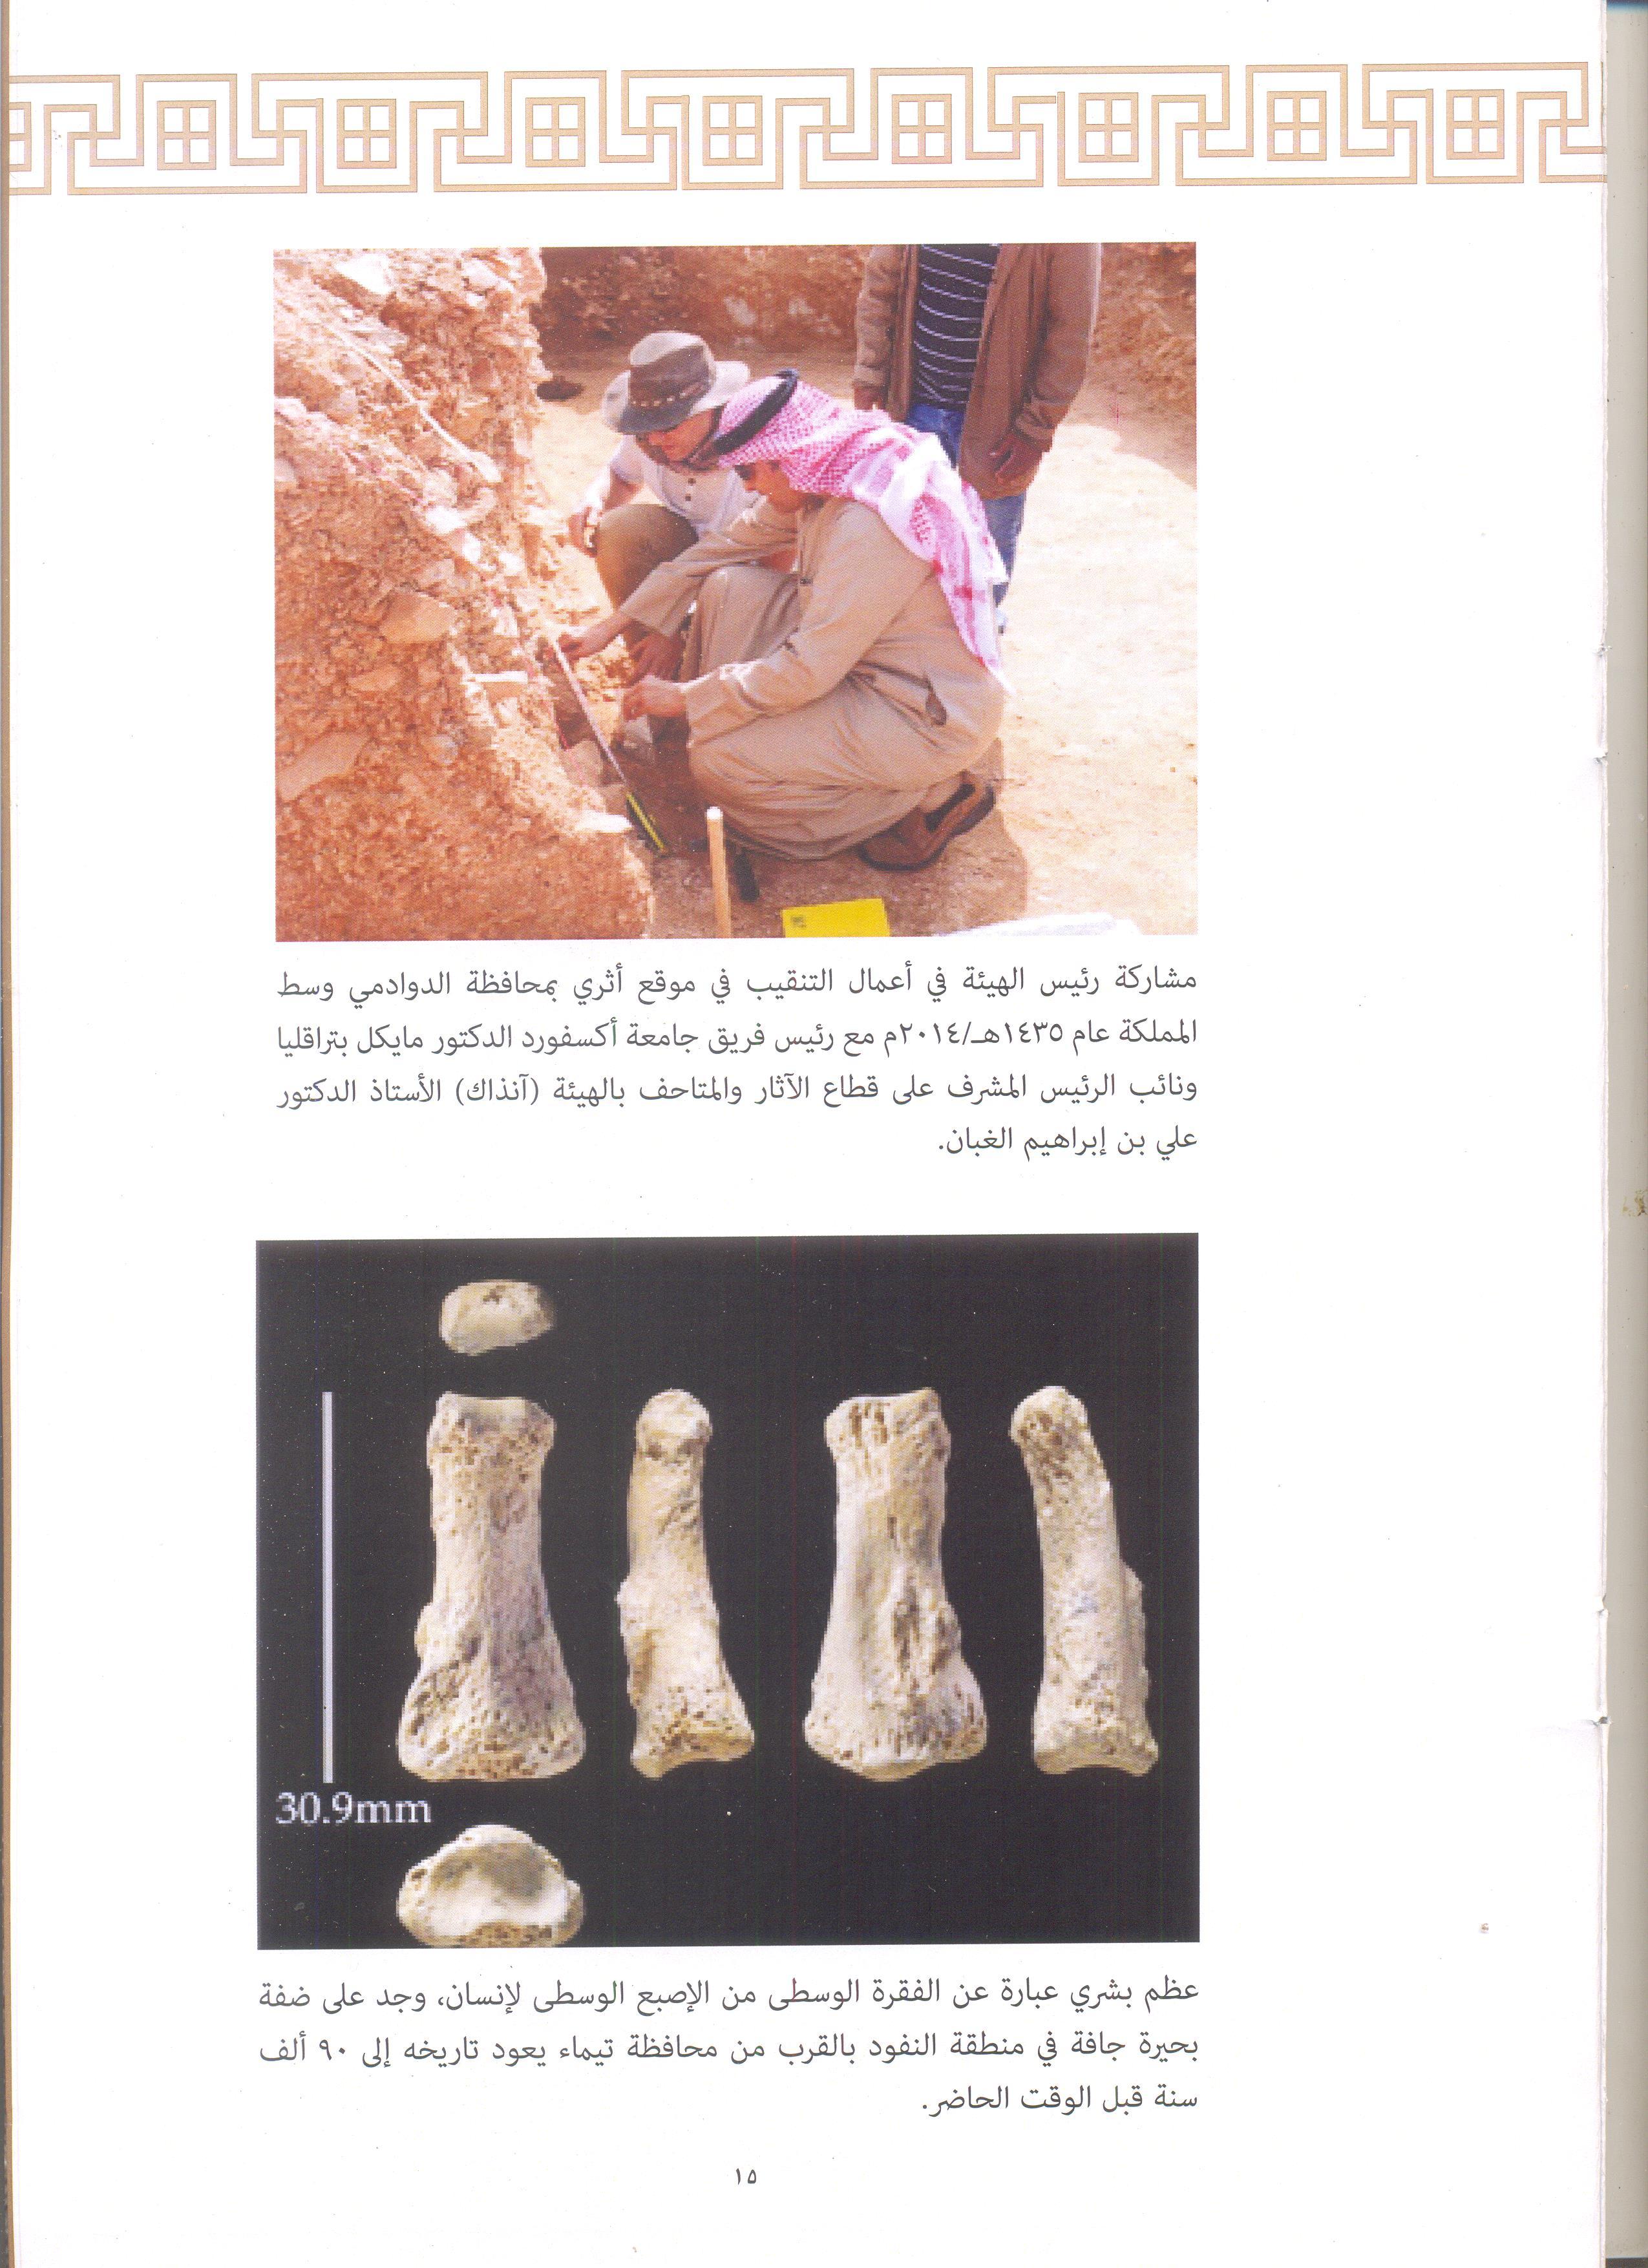 قطع آثرية تؤكد عراقة المملكة